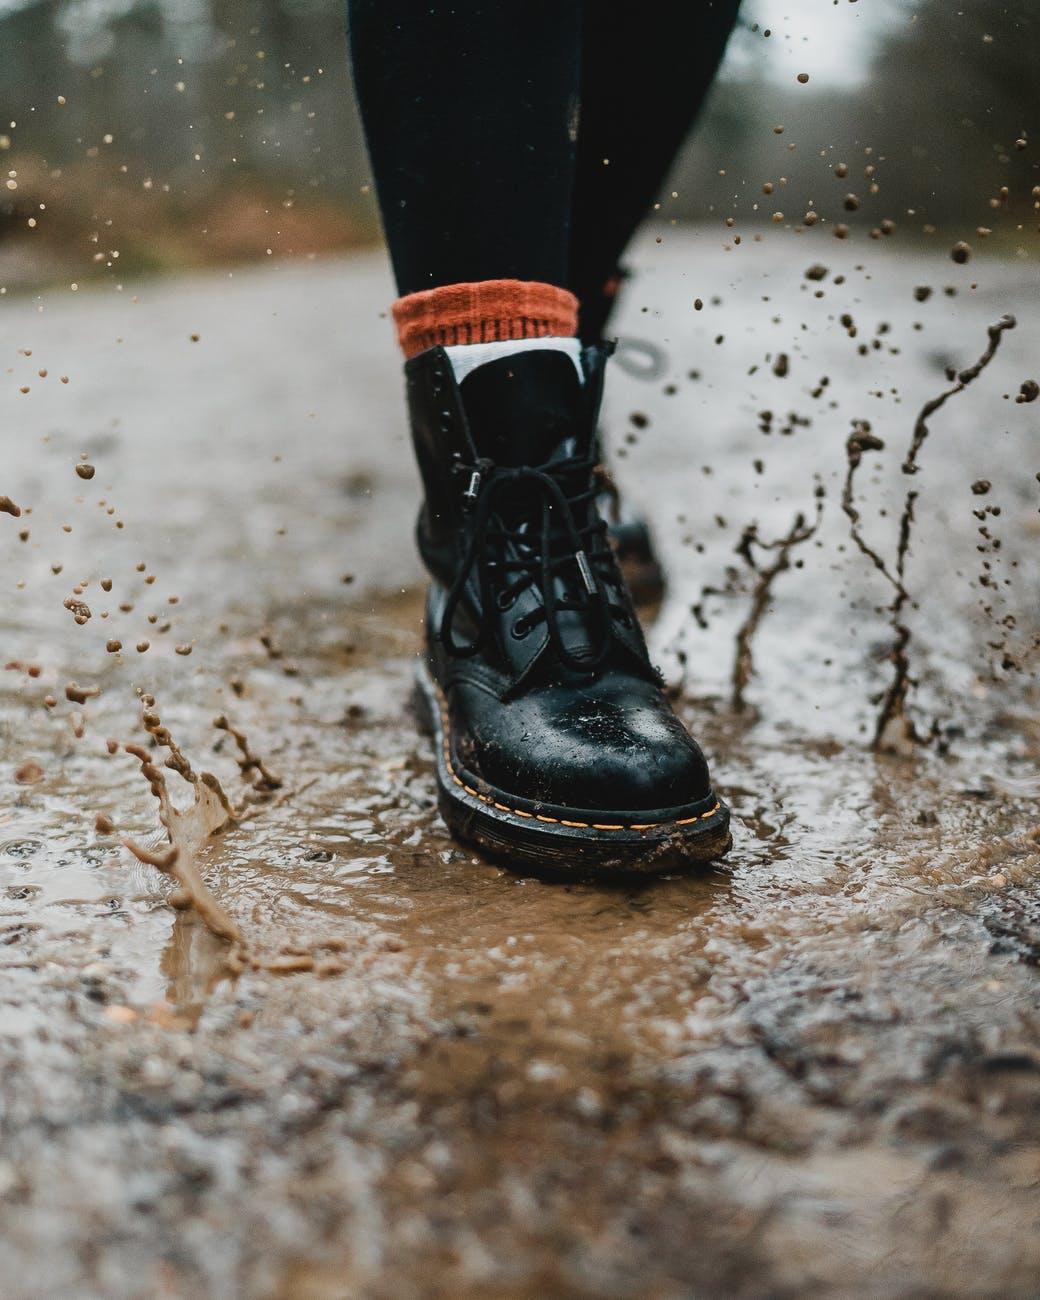 Καιρός: Αλλαγή στο σκηνικό – Πού βρέχει, πού αναμένονται καταιγίδες καιχαλάζι